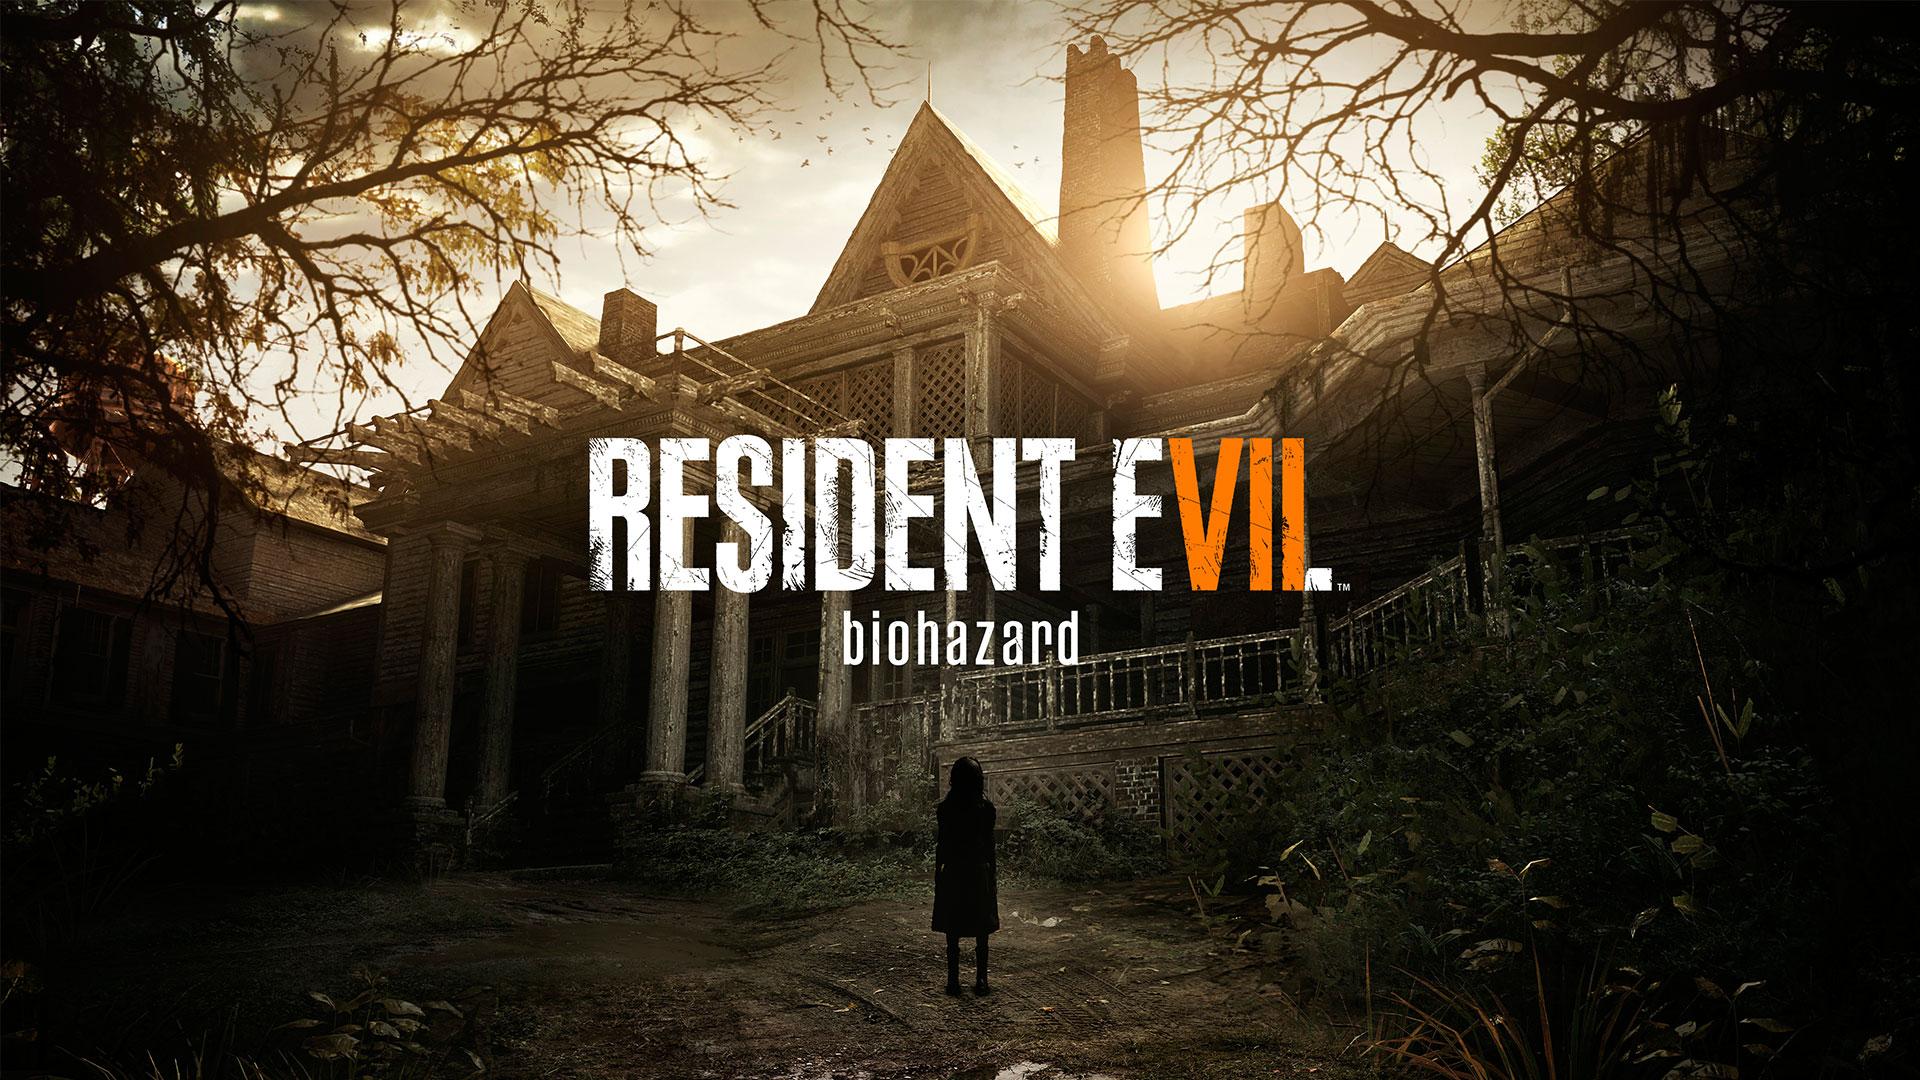 Capcom ya ha lanzado las Grabaciones Inéditas de Resident Evil 7 biohazard en Steam y pronto estará disponible en Windows 10.